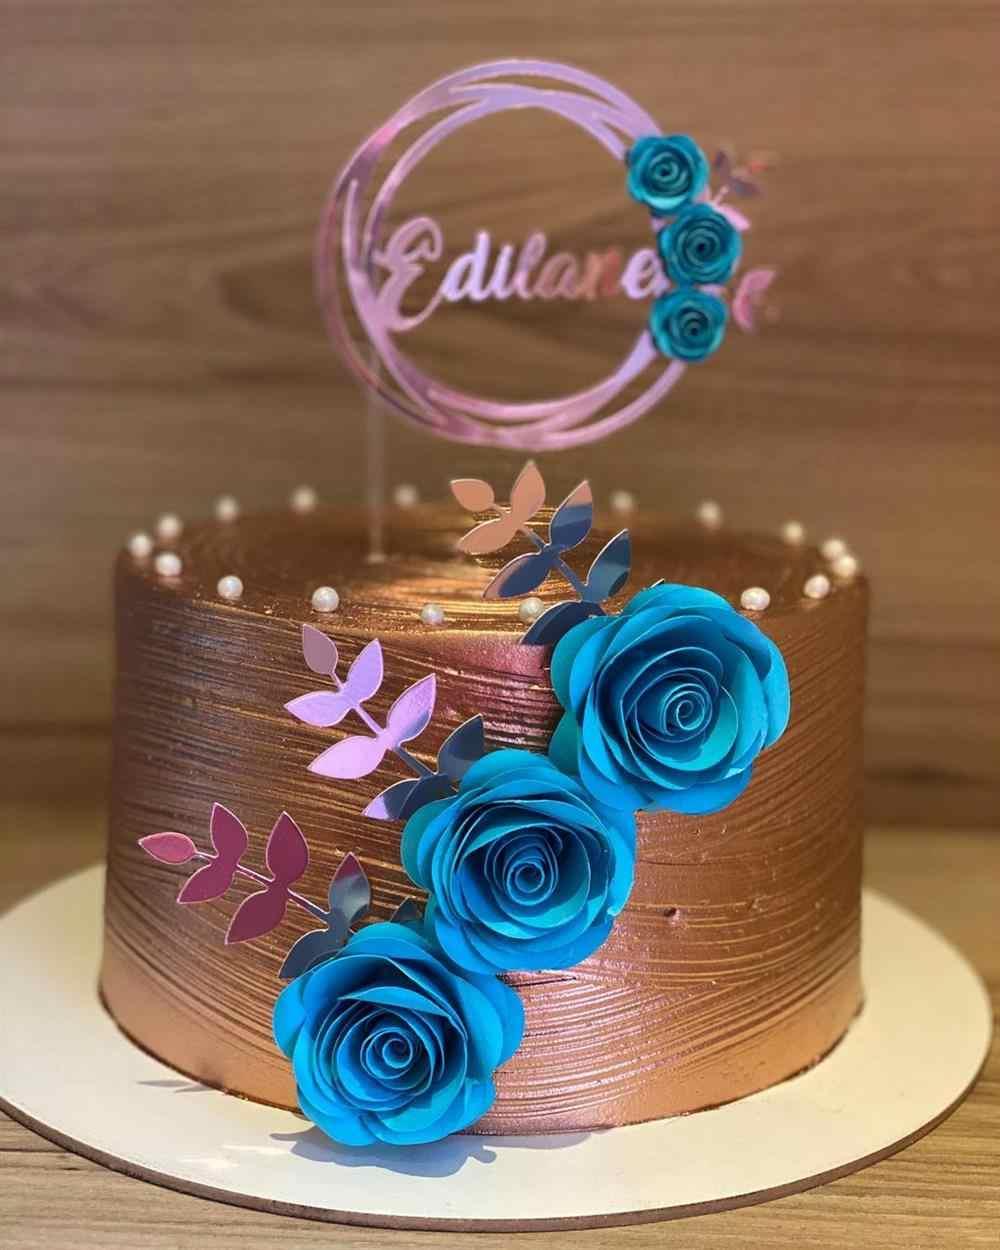 bolo rose gold com azul